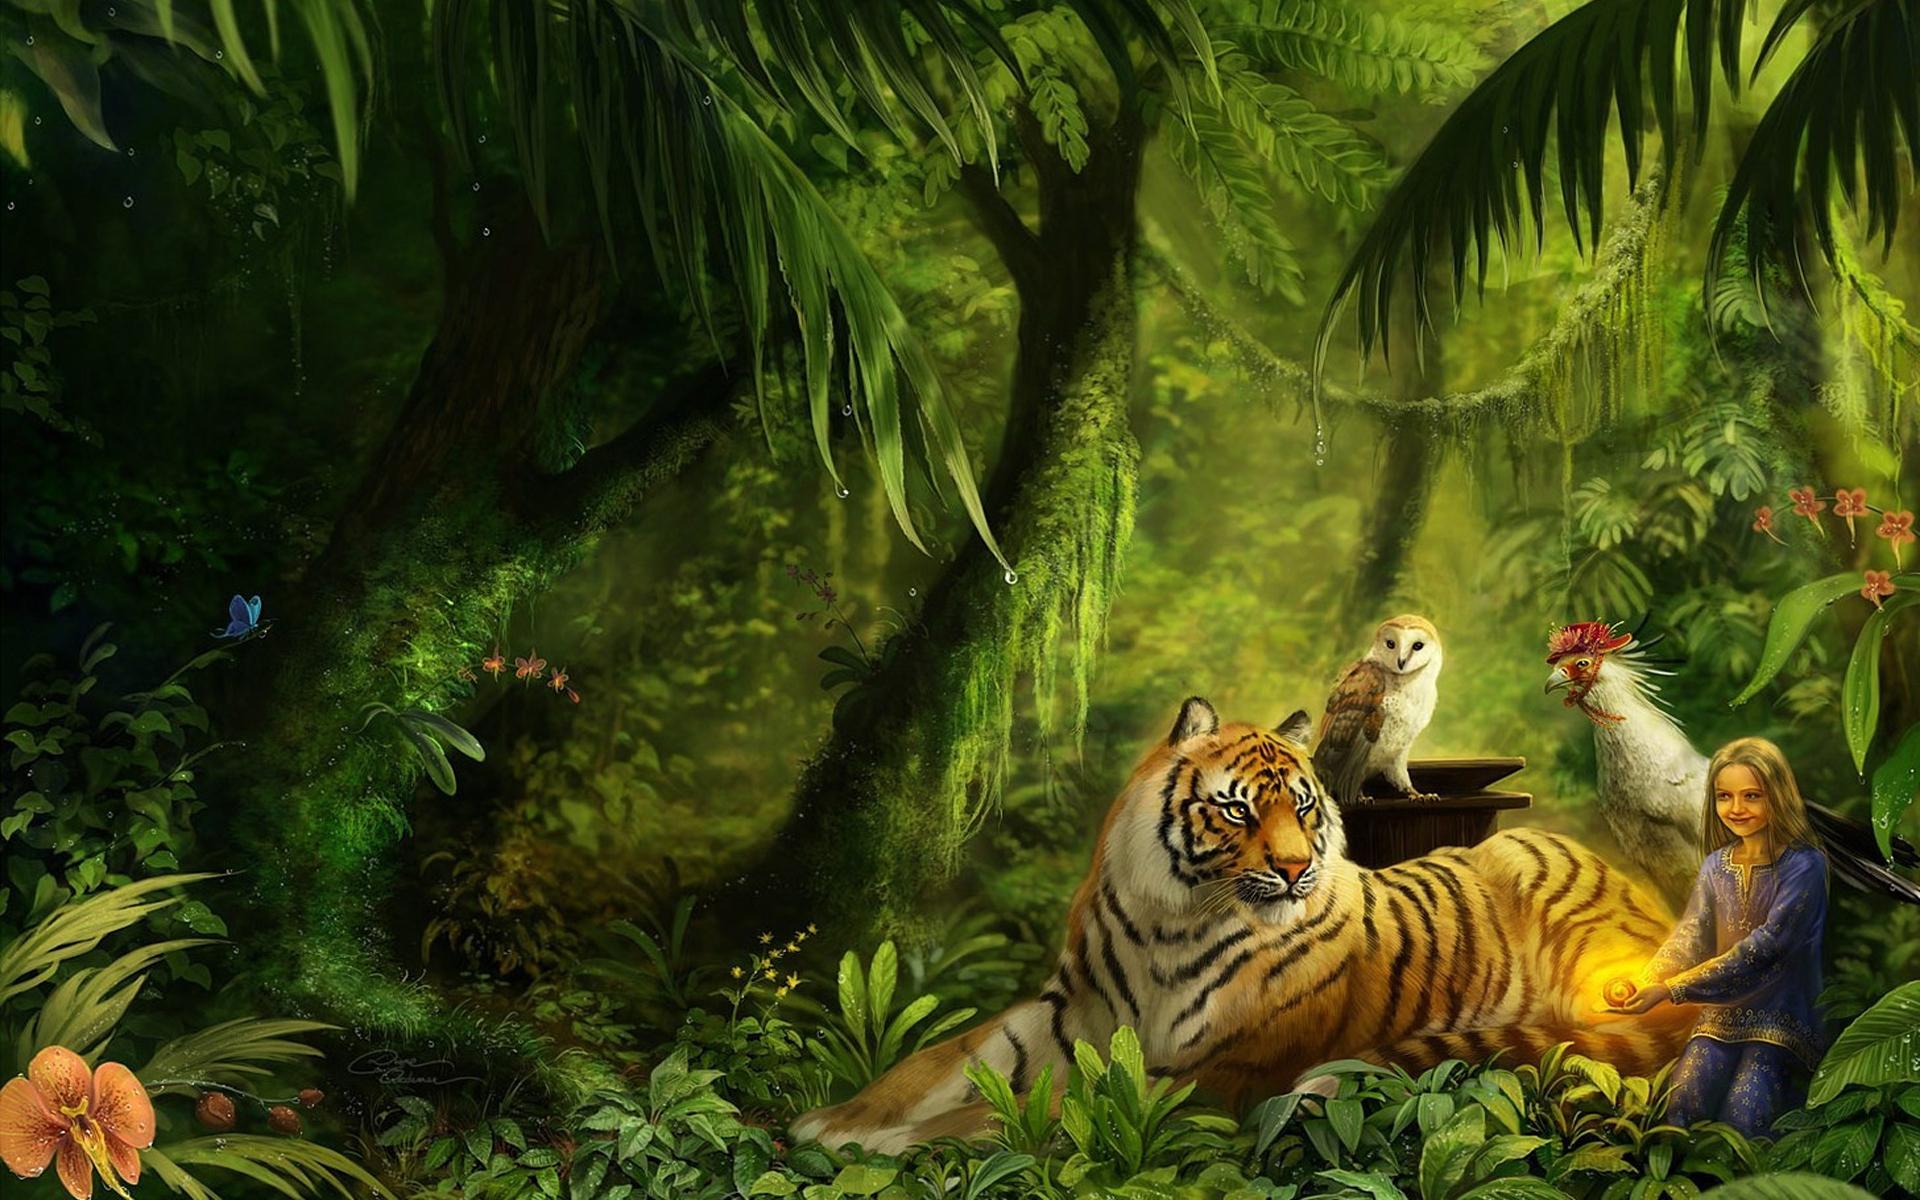 приглашаю картинки фэнтези животные и природа значение восточном